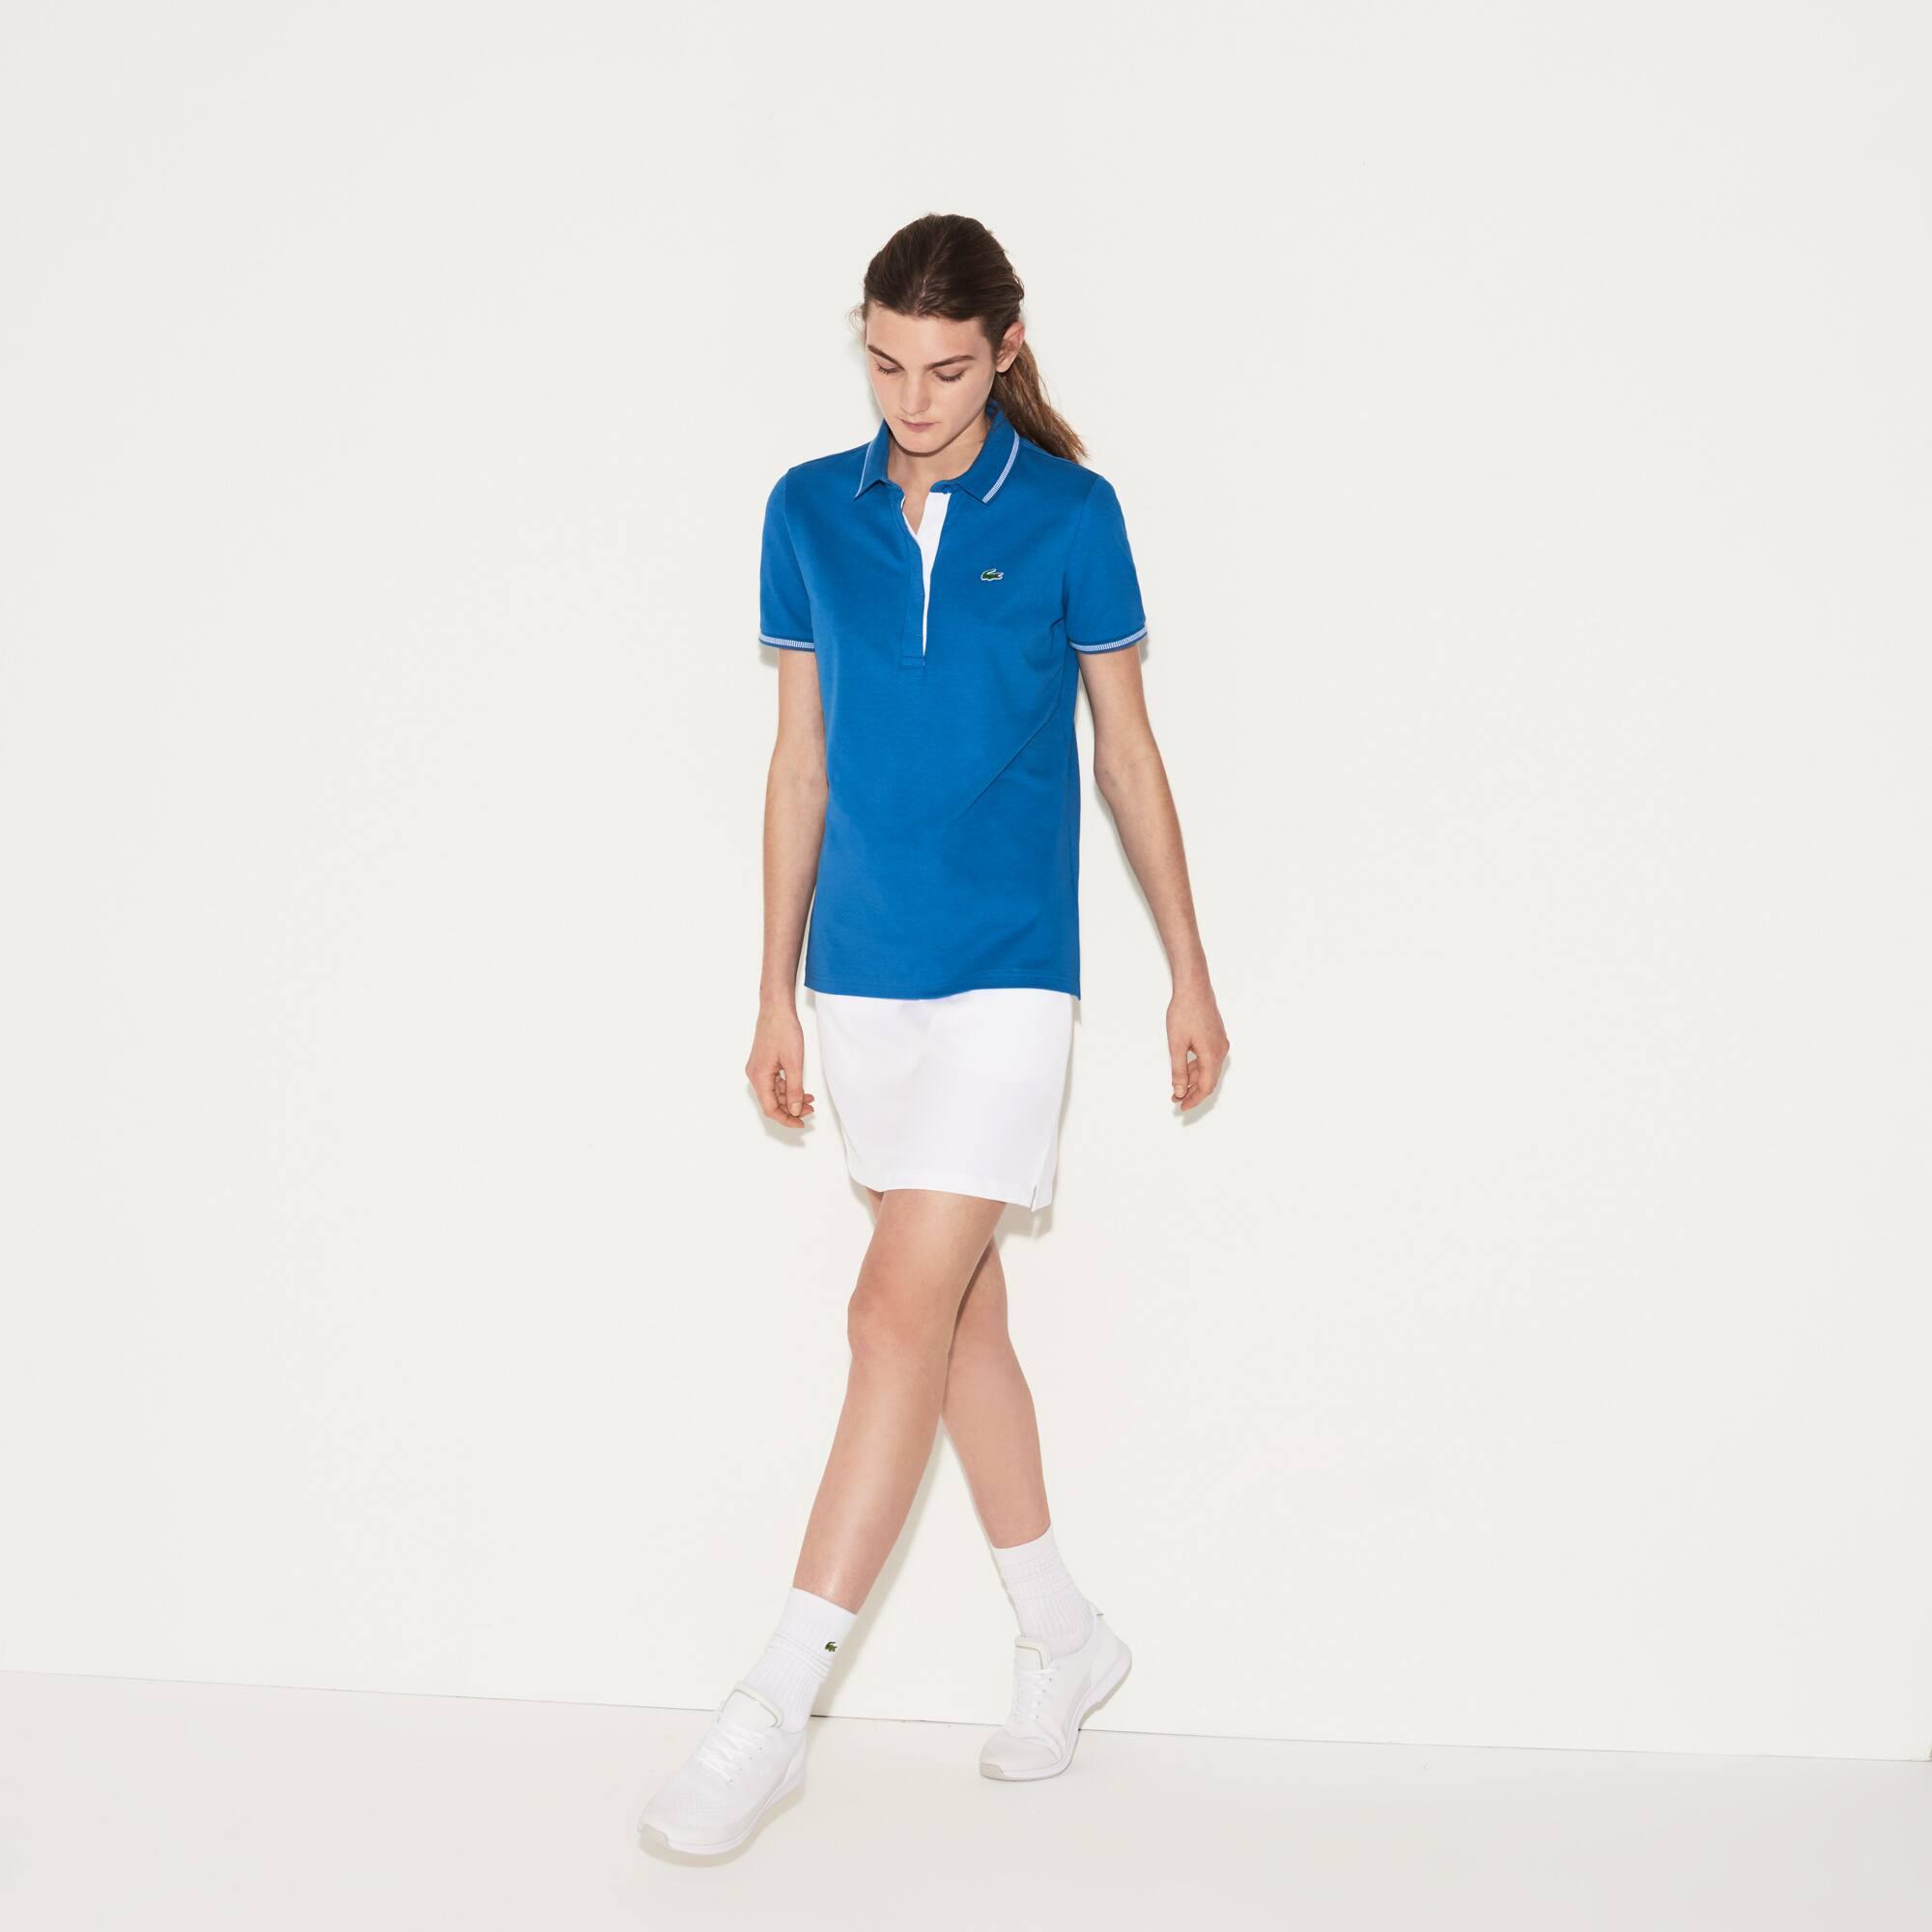 Polo técnico Golf Lacoste SPORT em algodão leve stretch unicolor